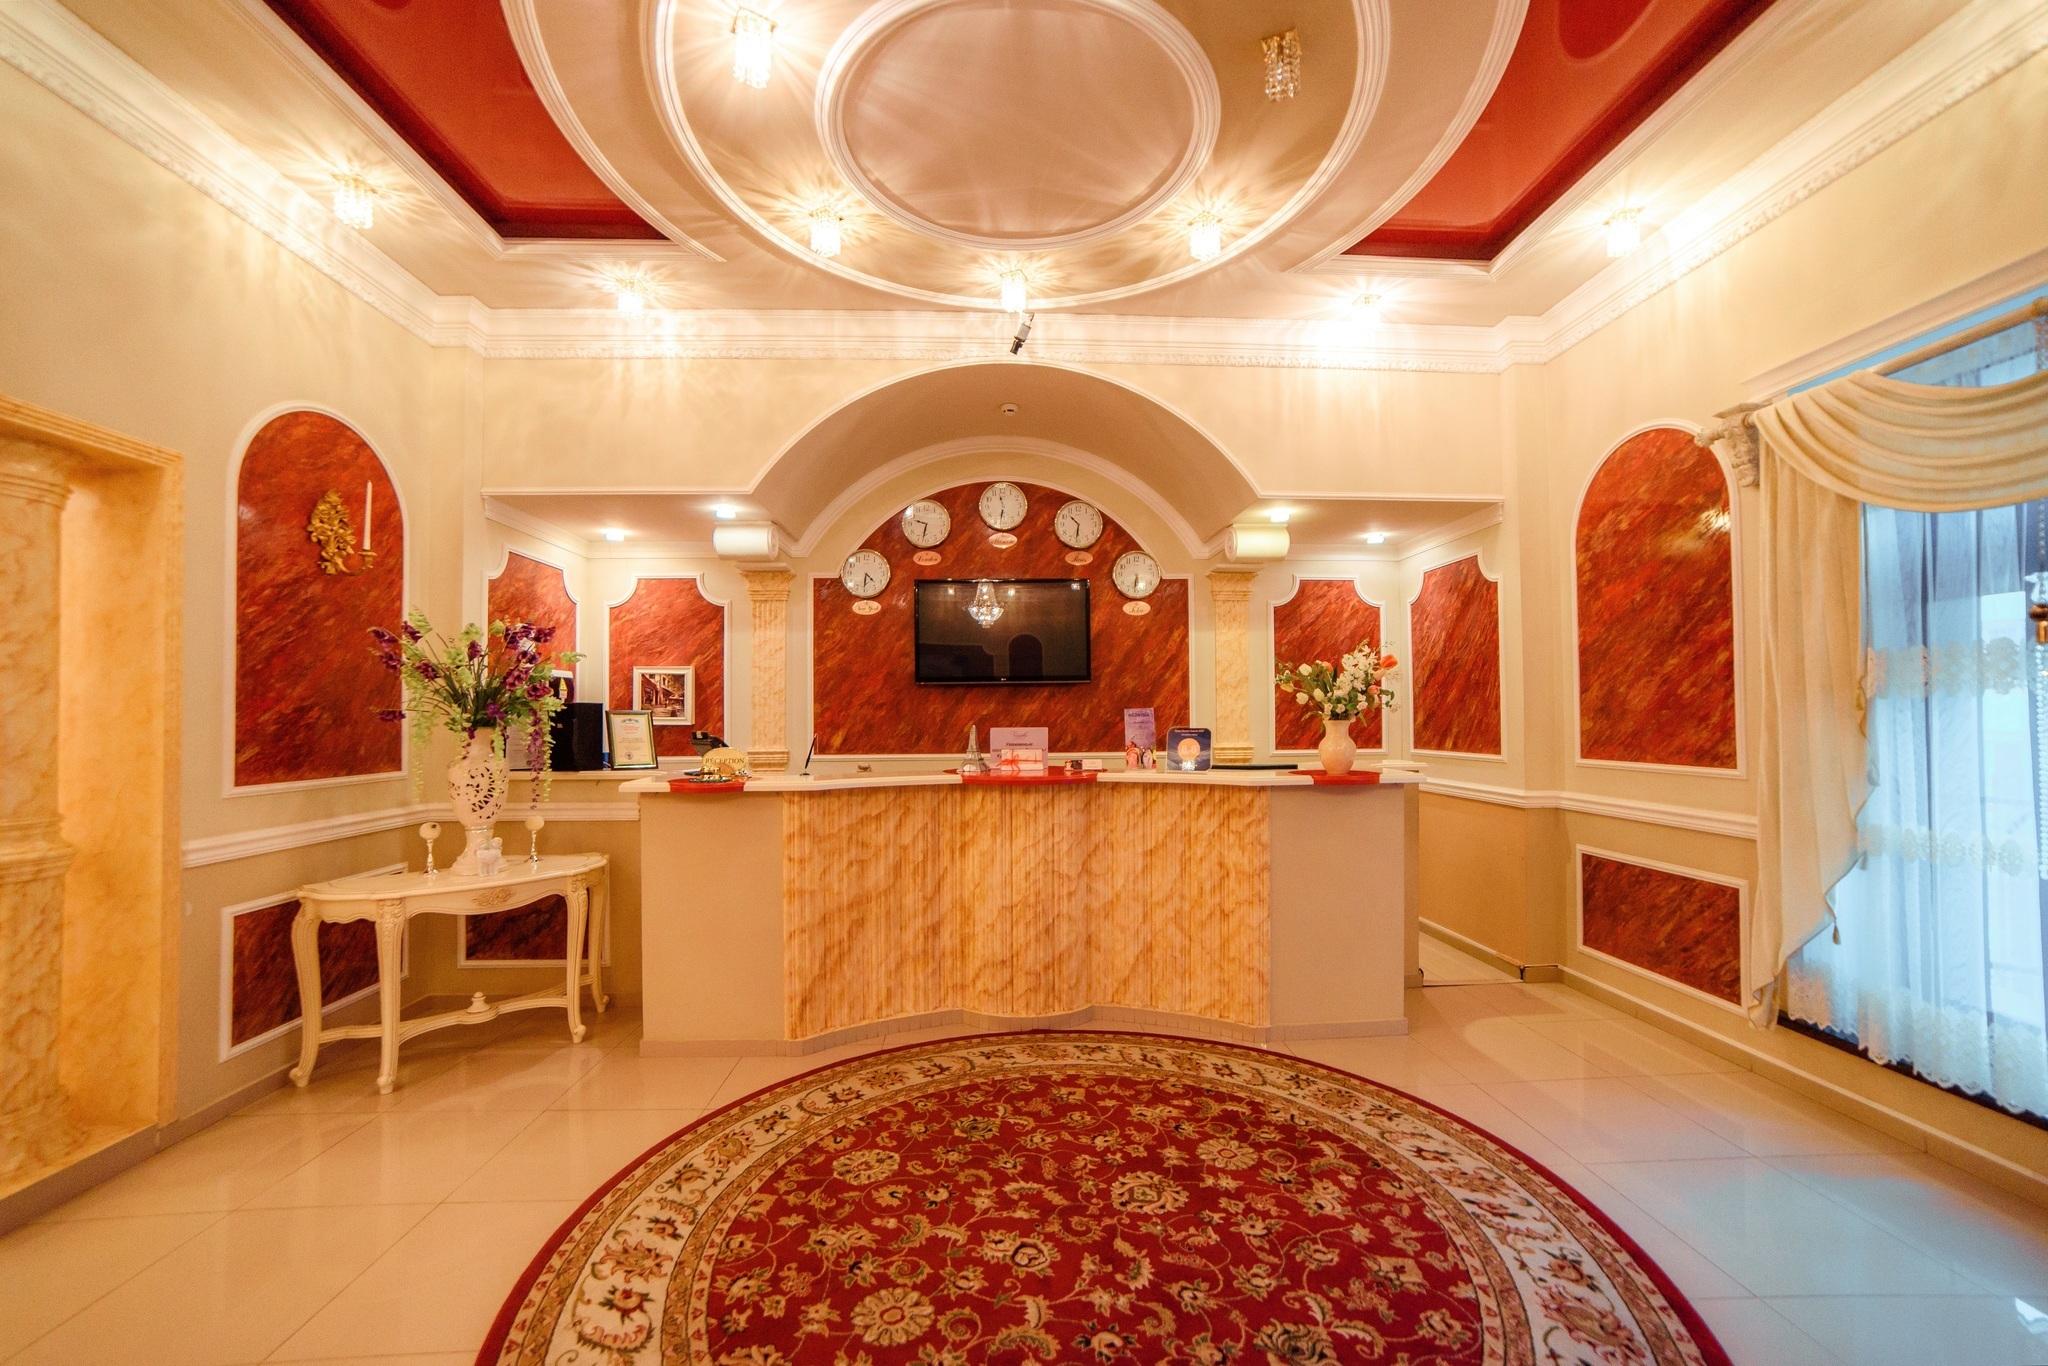 ценим ресторан версаль обнинск фото красивую мебель